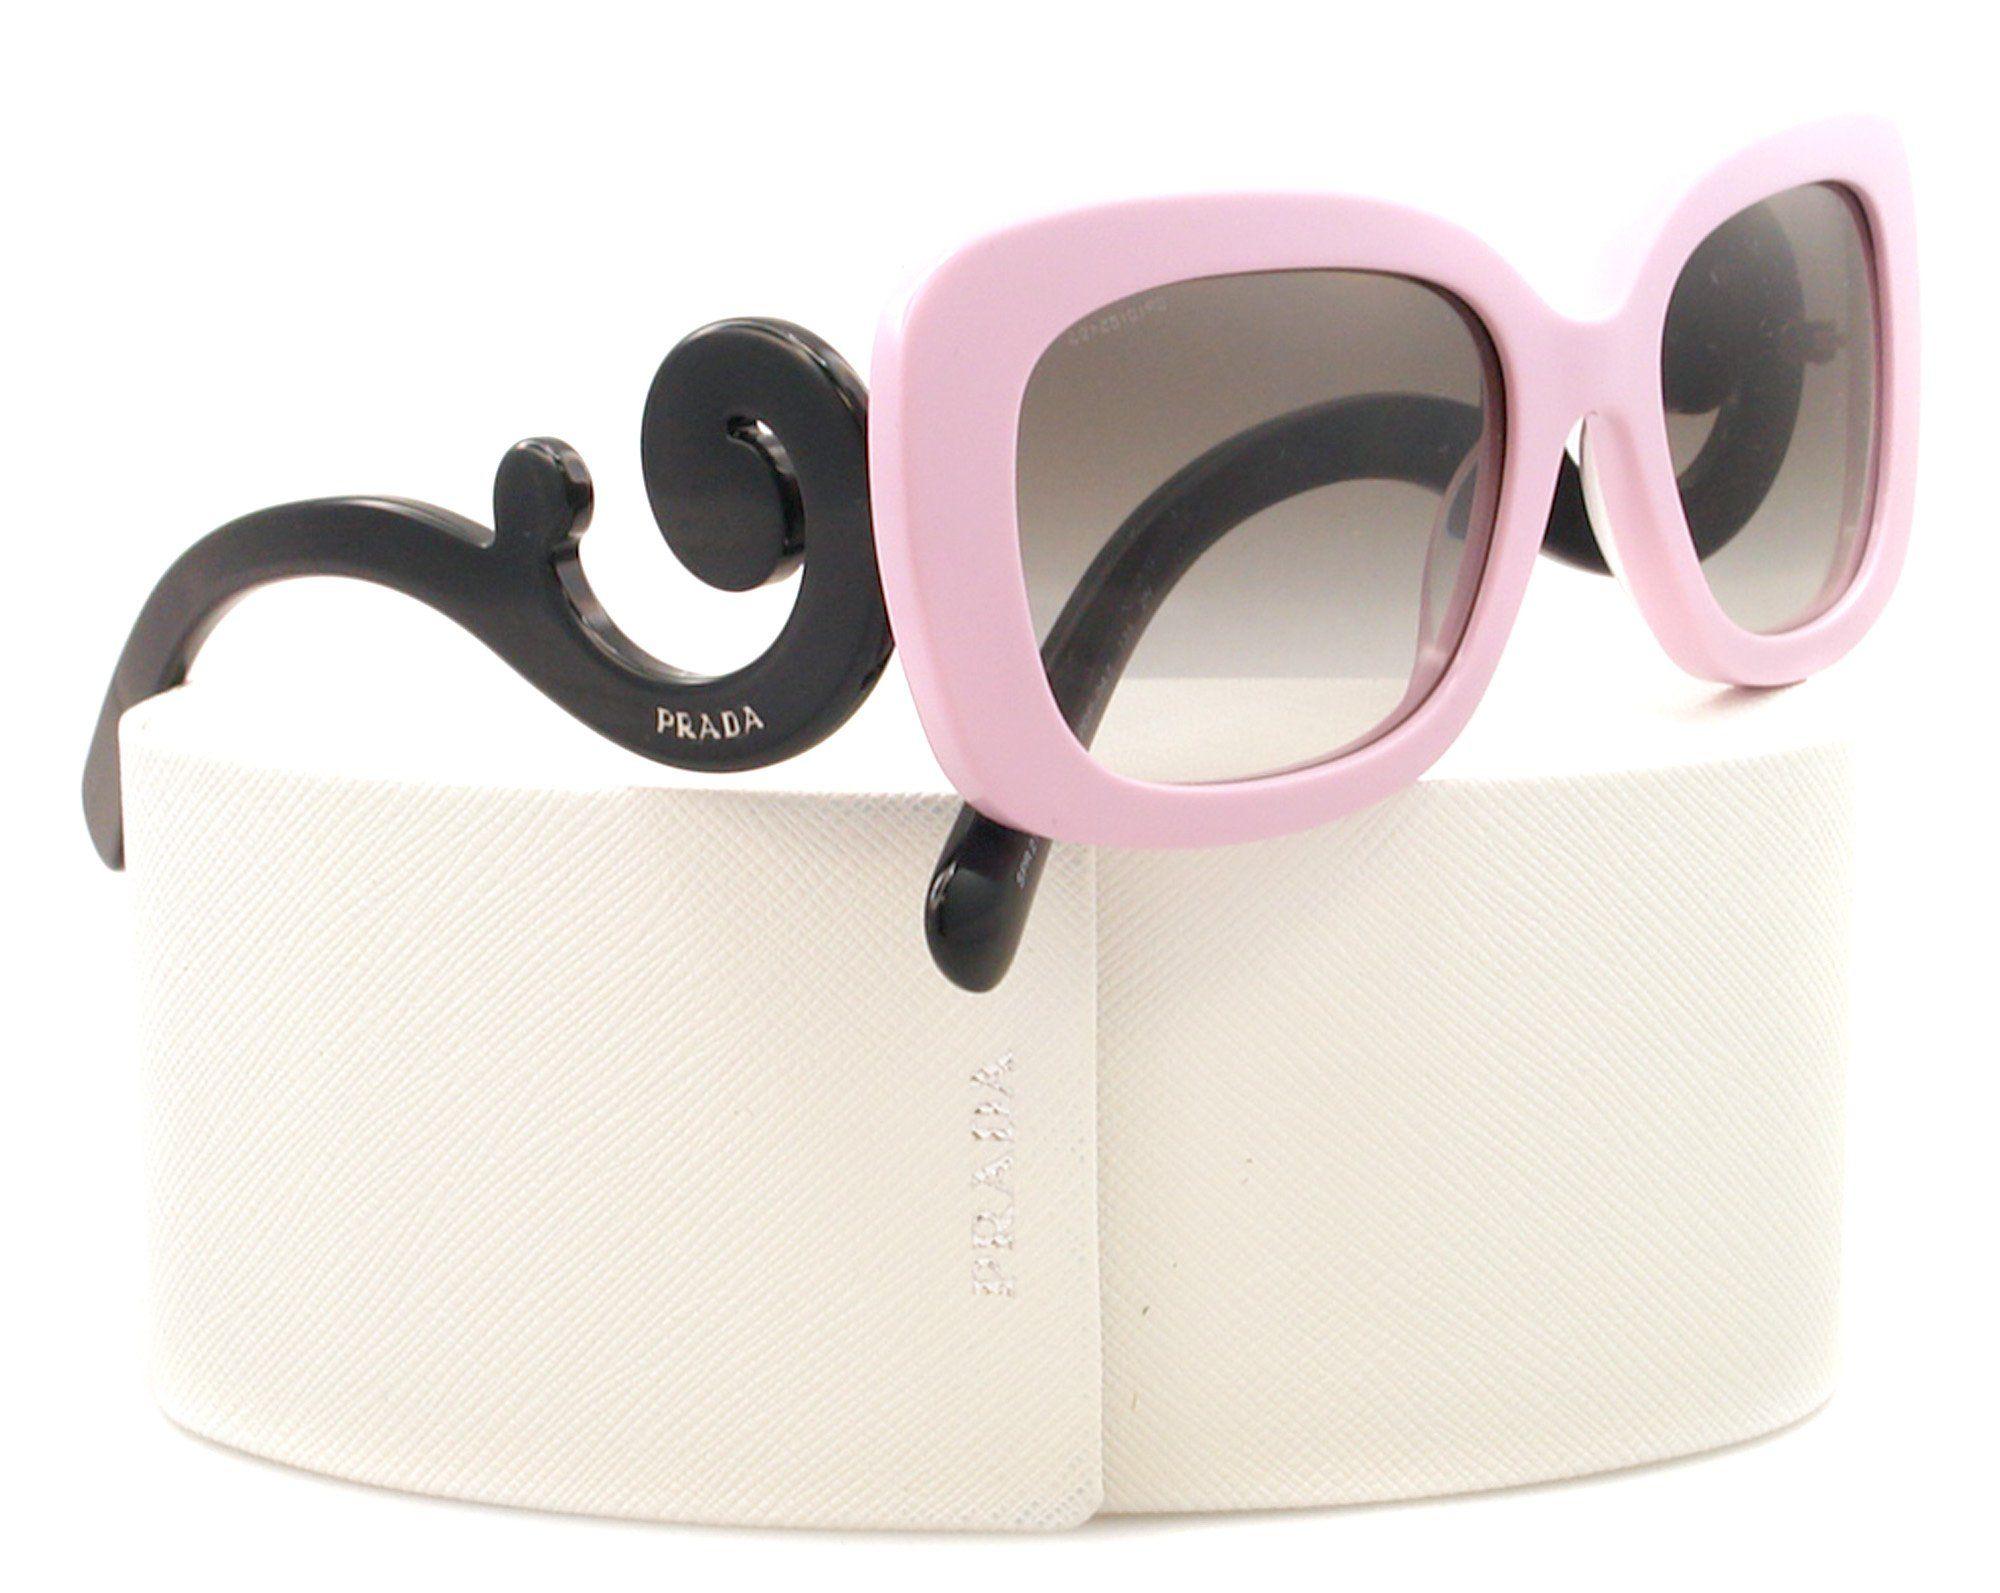 672ef95e277 Amazon.com  Prada Sunglasses SPR 27O Pink PDP-0A7 PR27OS  Prada  Clothing